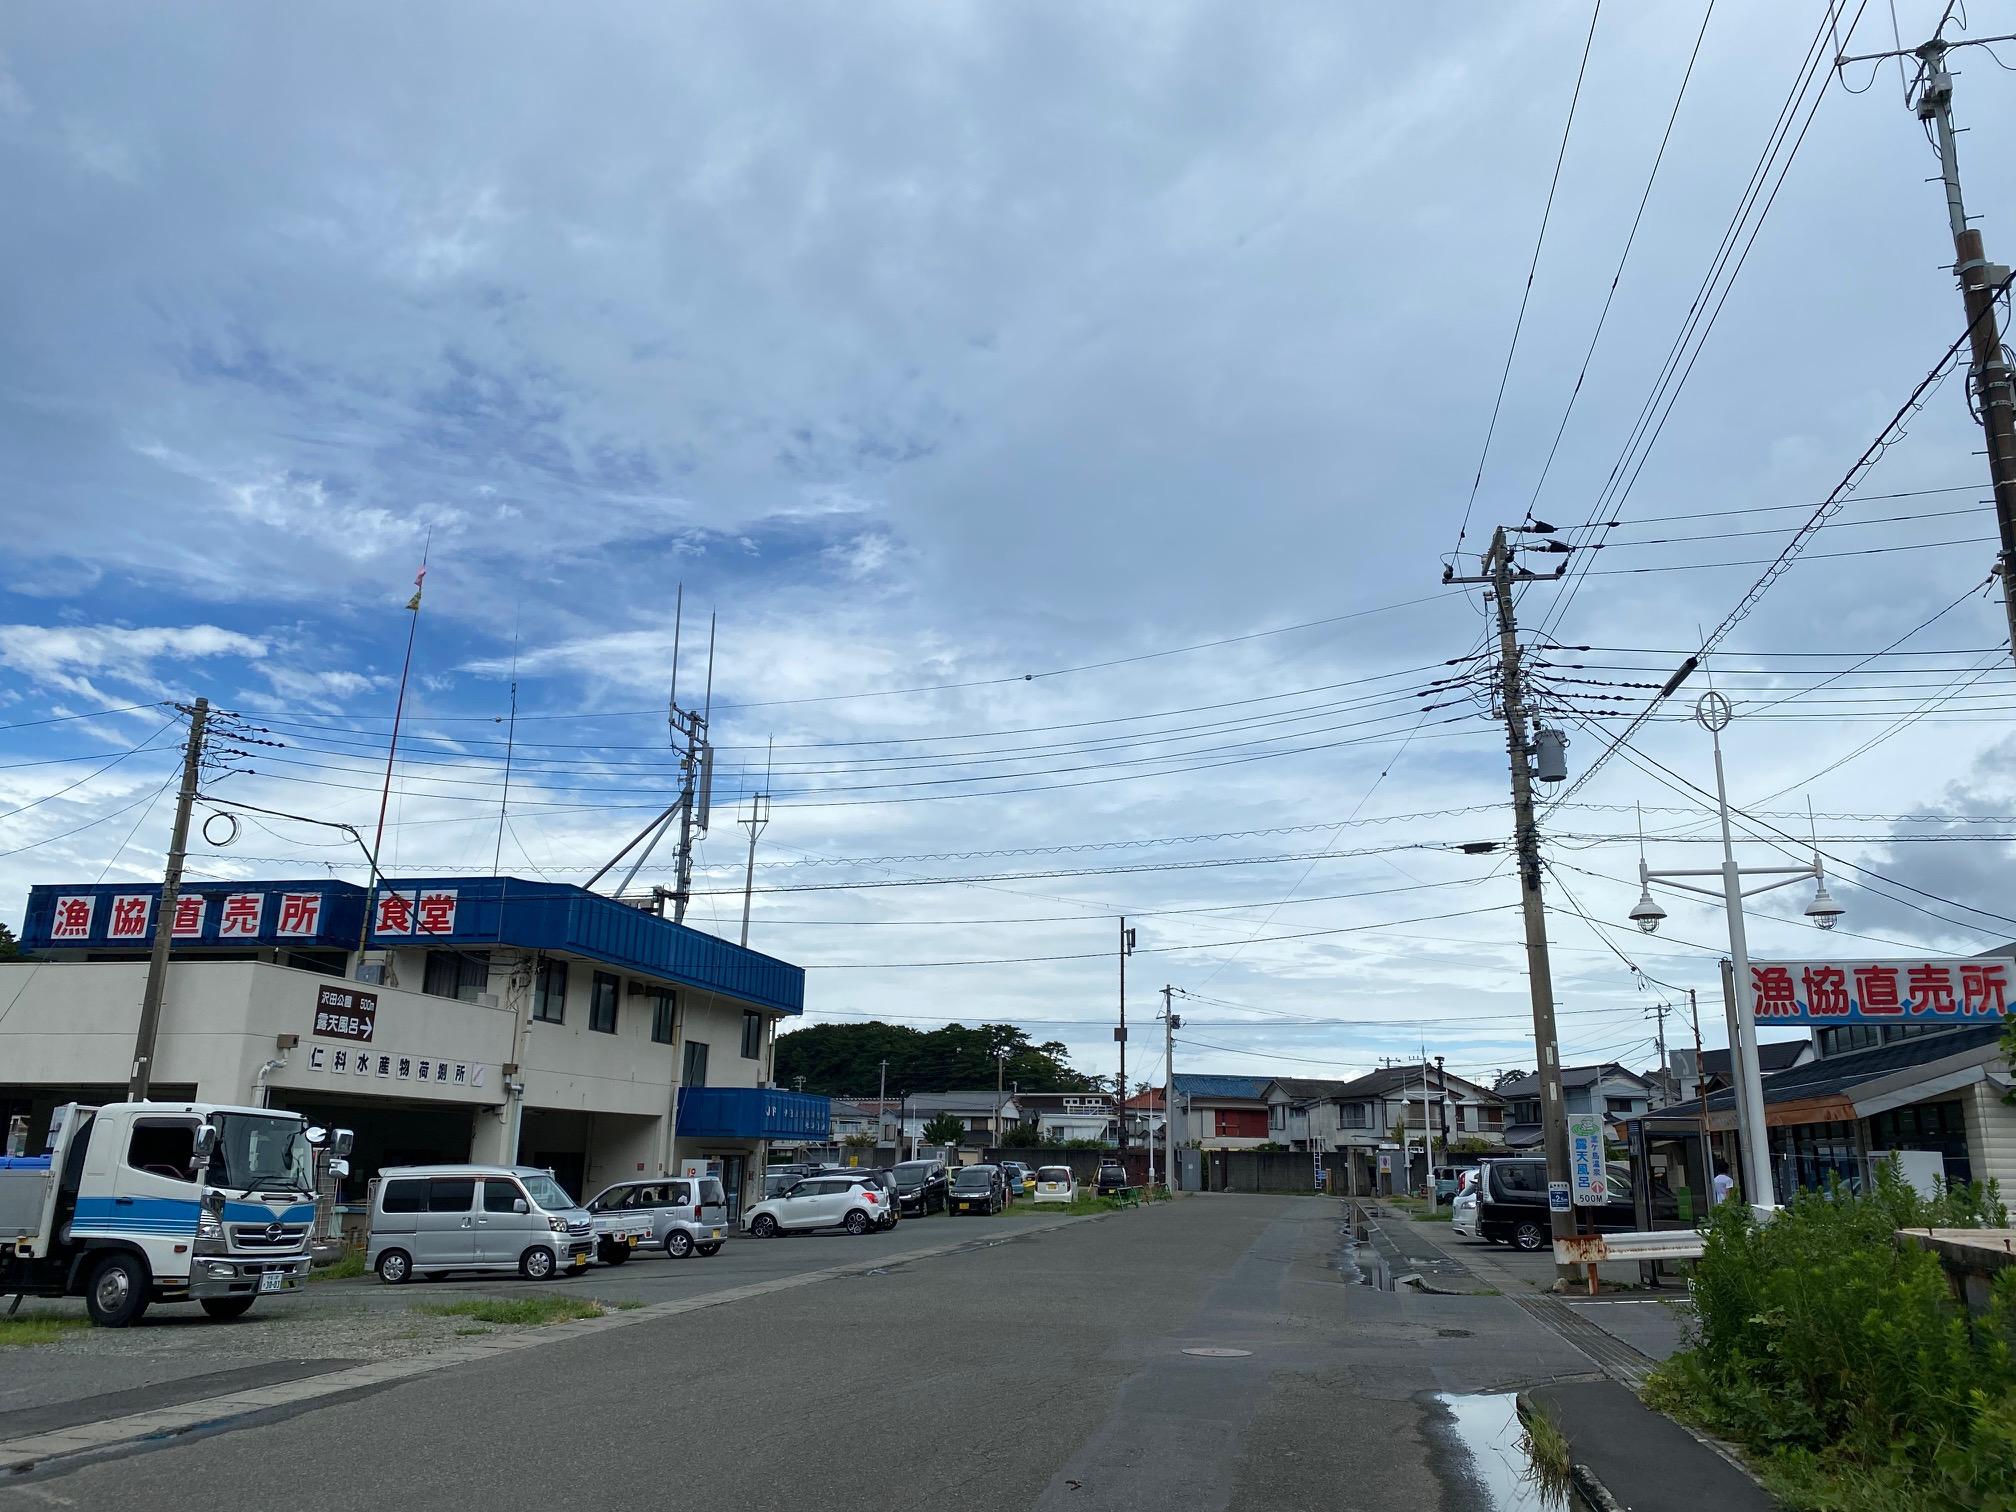 西伊豆の仁科漁港